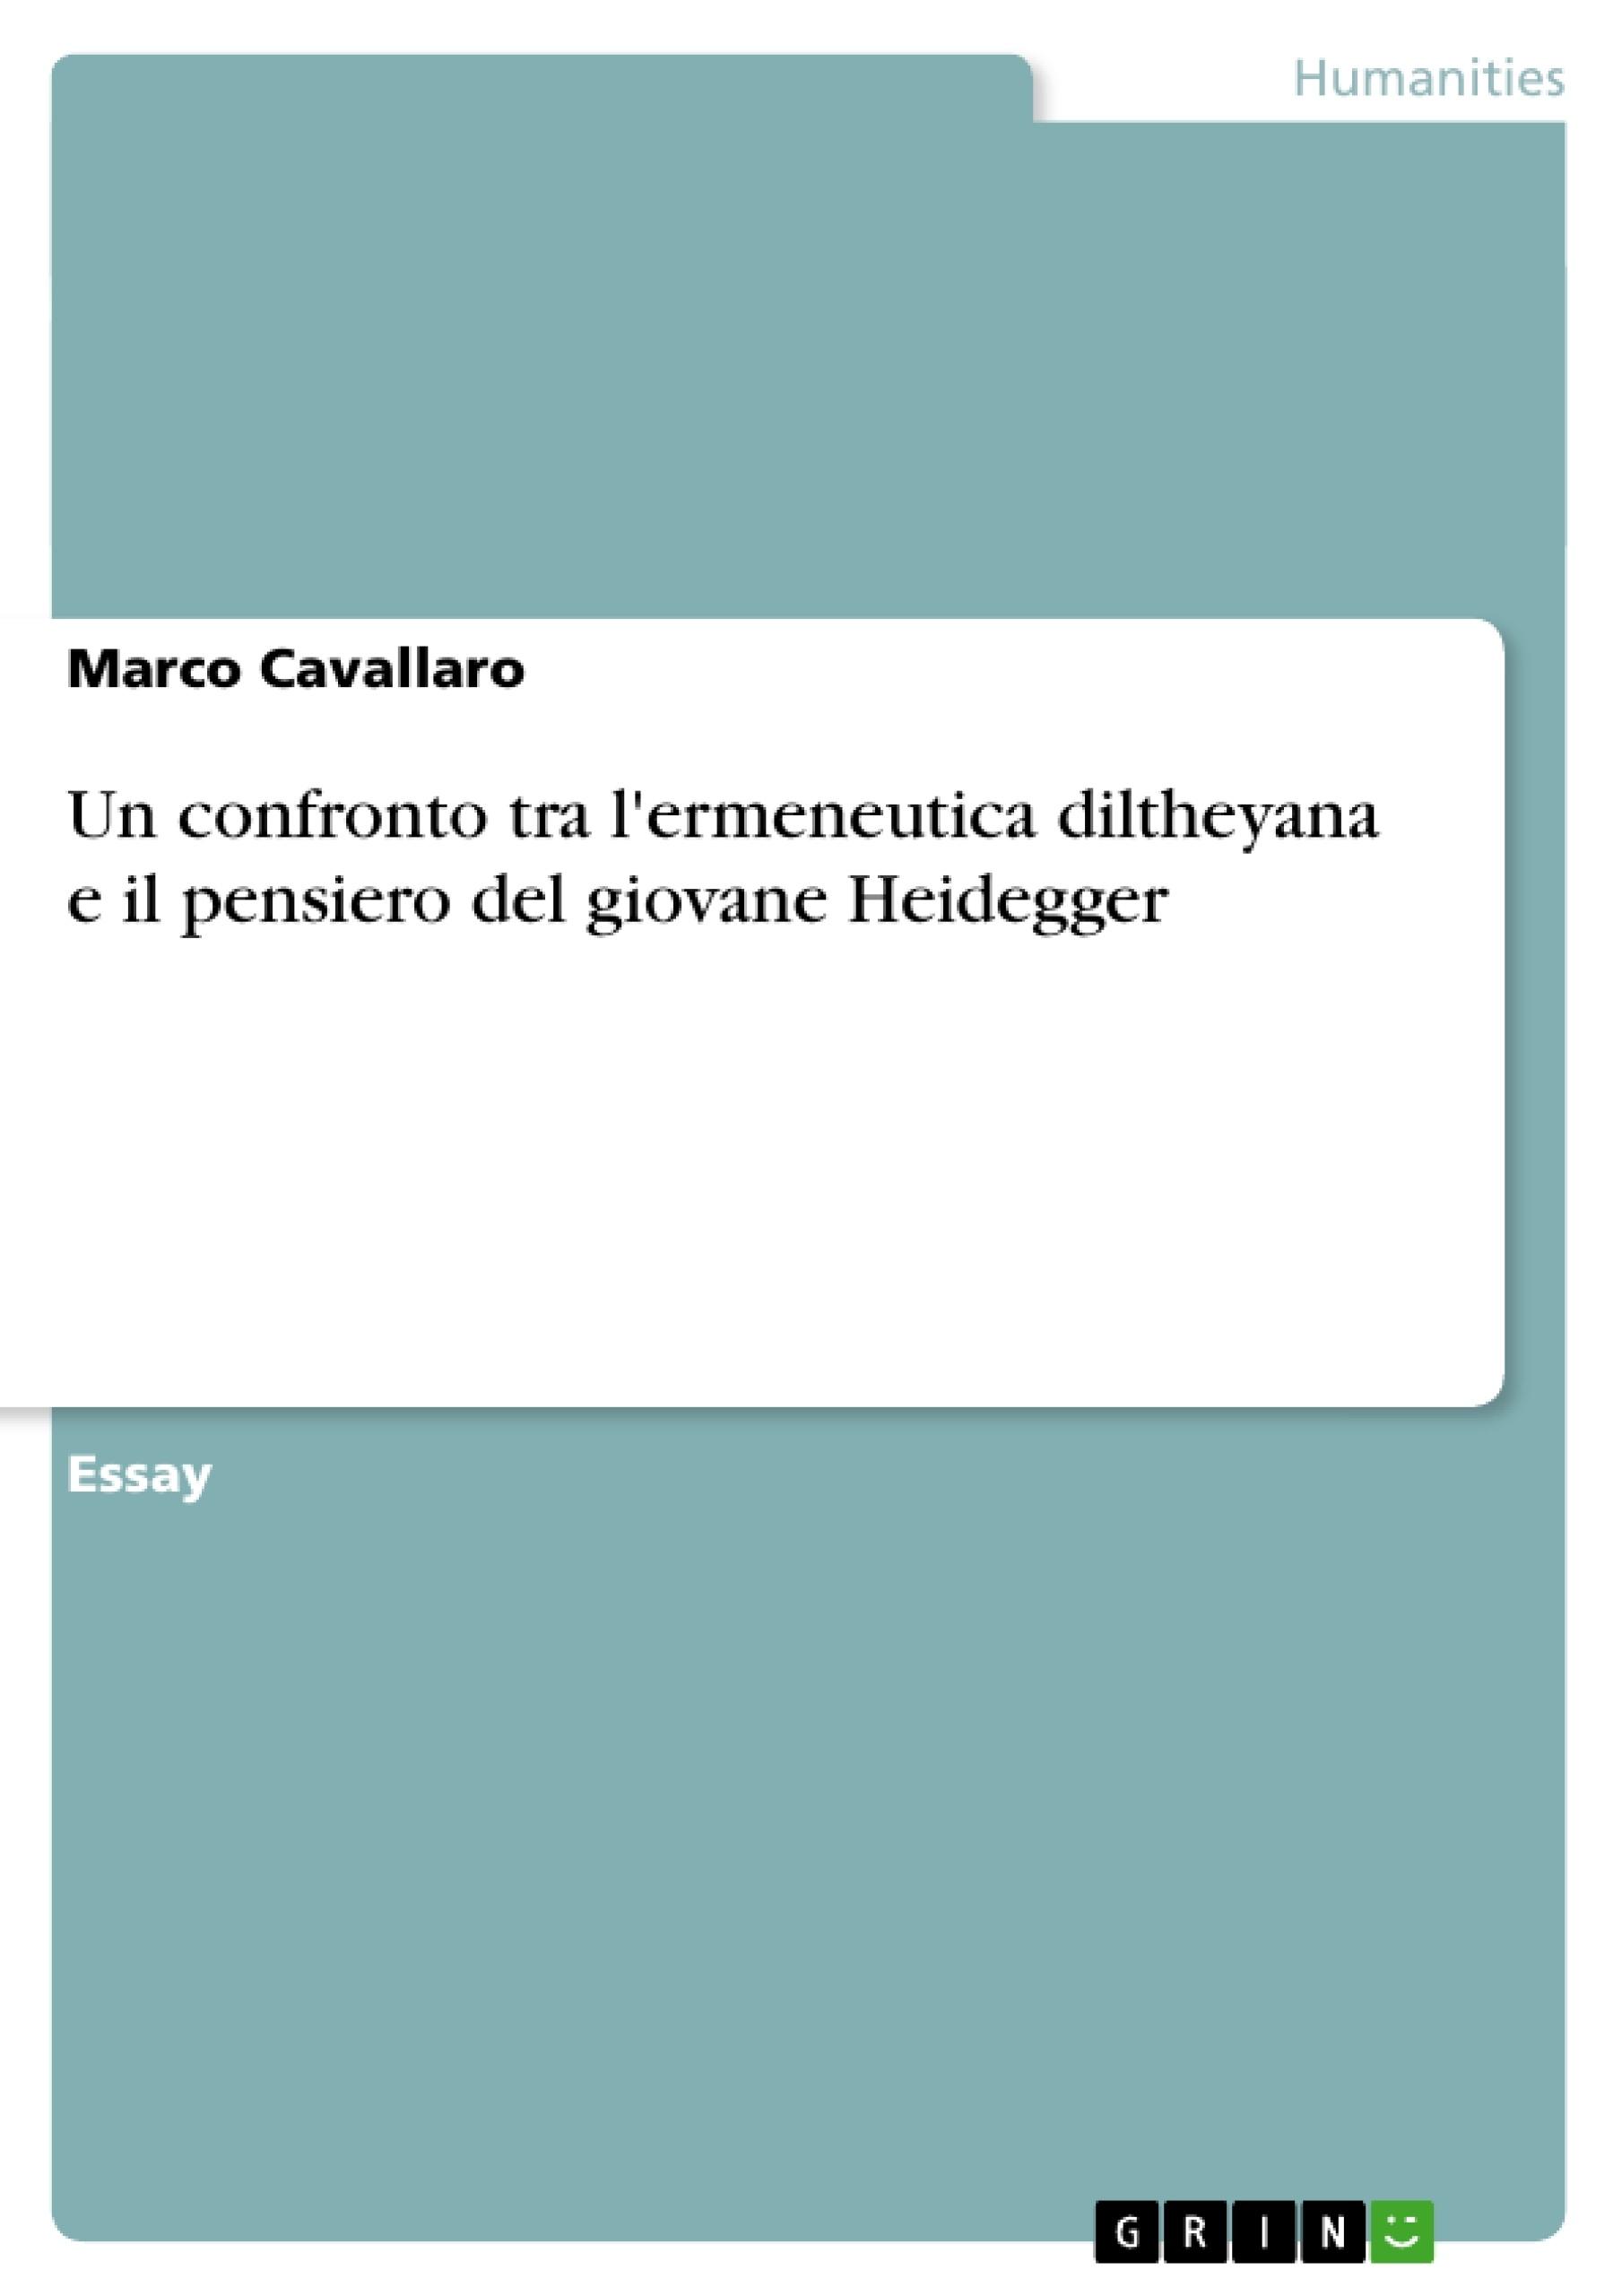 Title: Un confronto tra l'ermeneutica diltheyana e il pensiero del giovane Heidegger